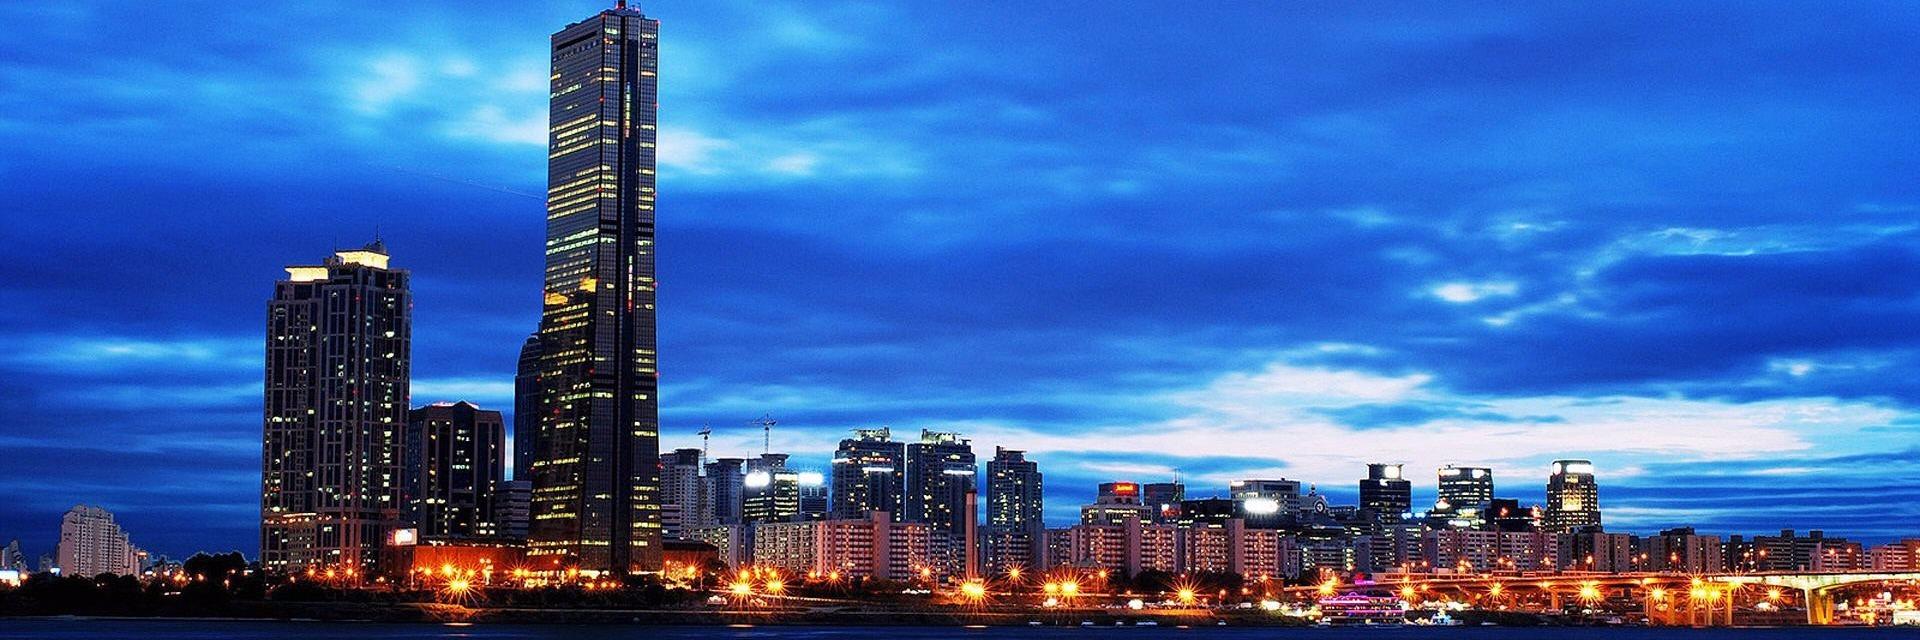 Сеул Южная Корея